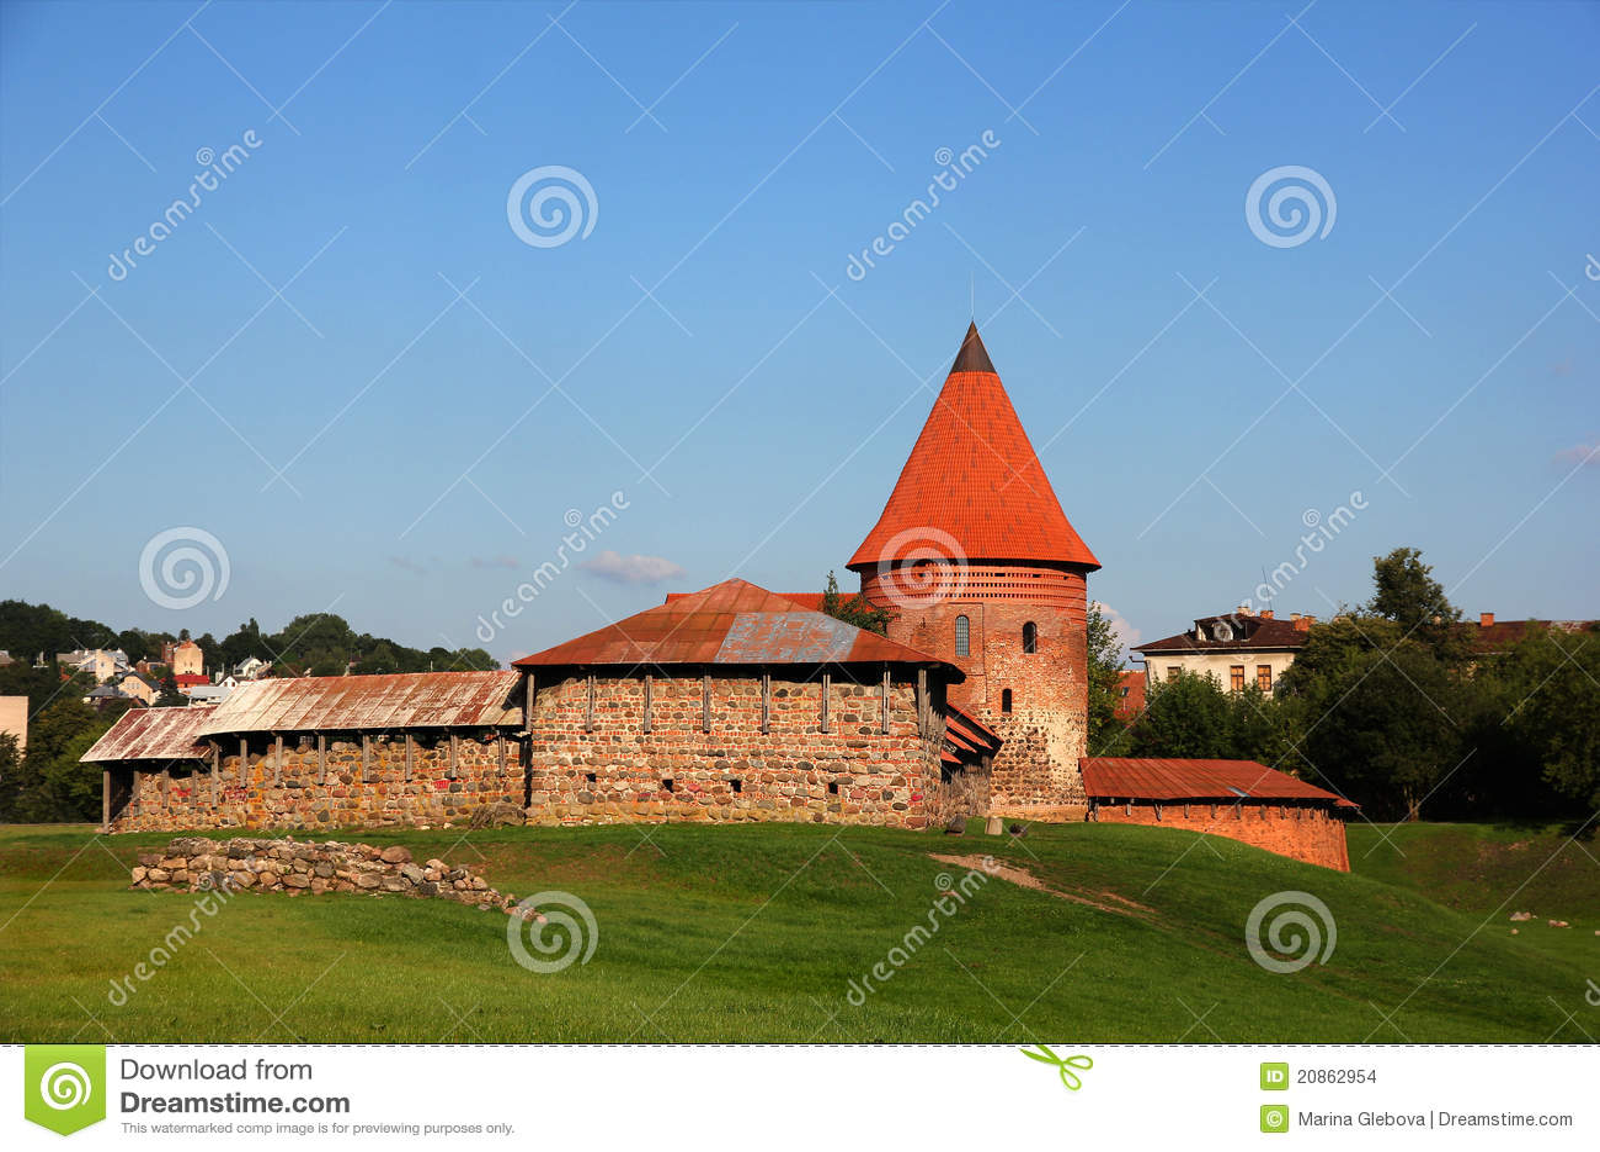 Castelo velho em Kaunas, Lithuania.